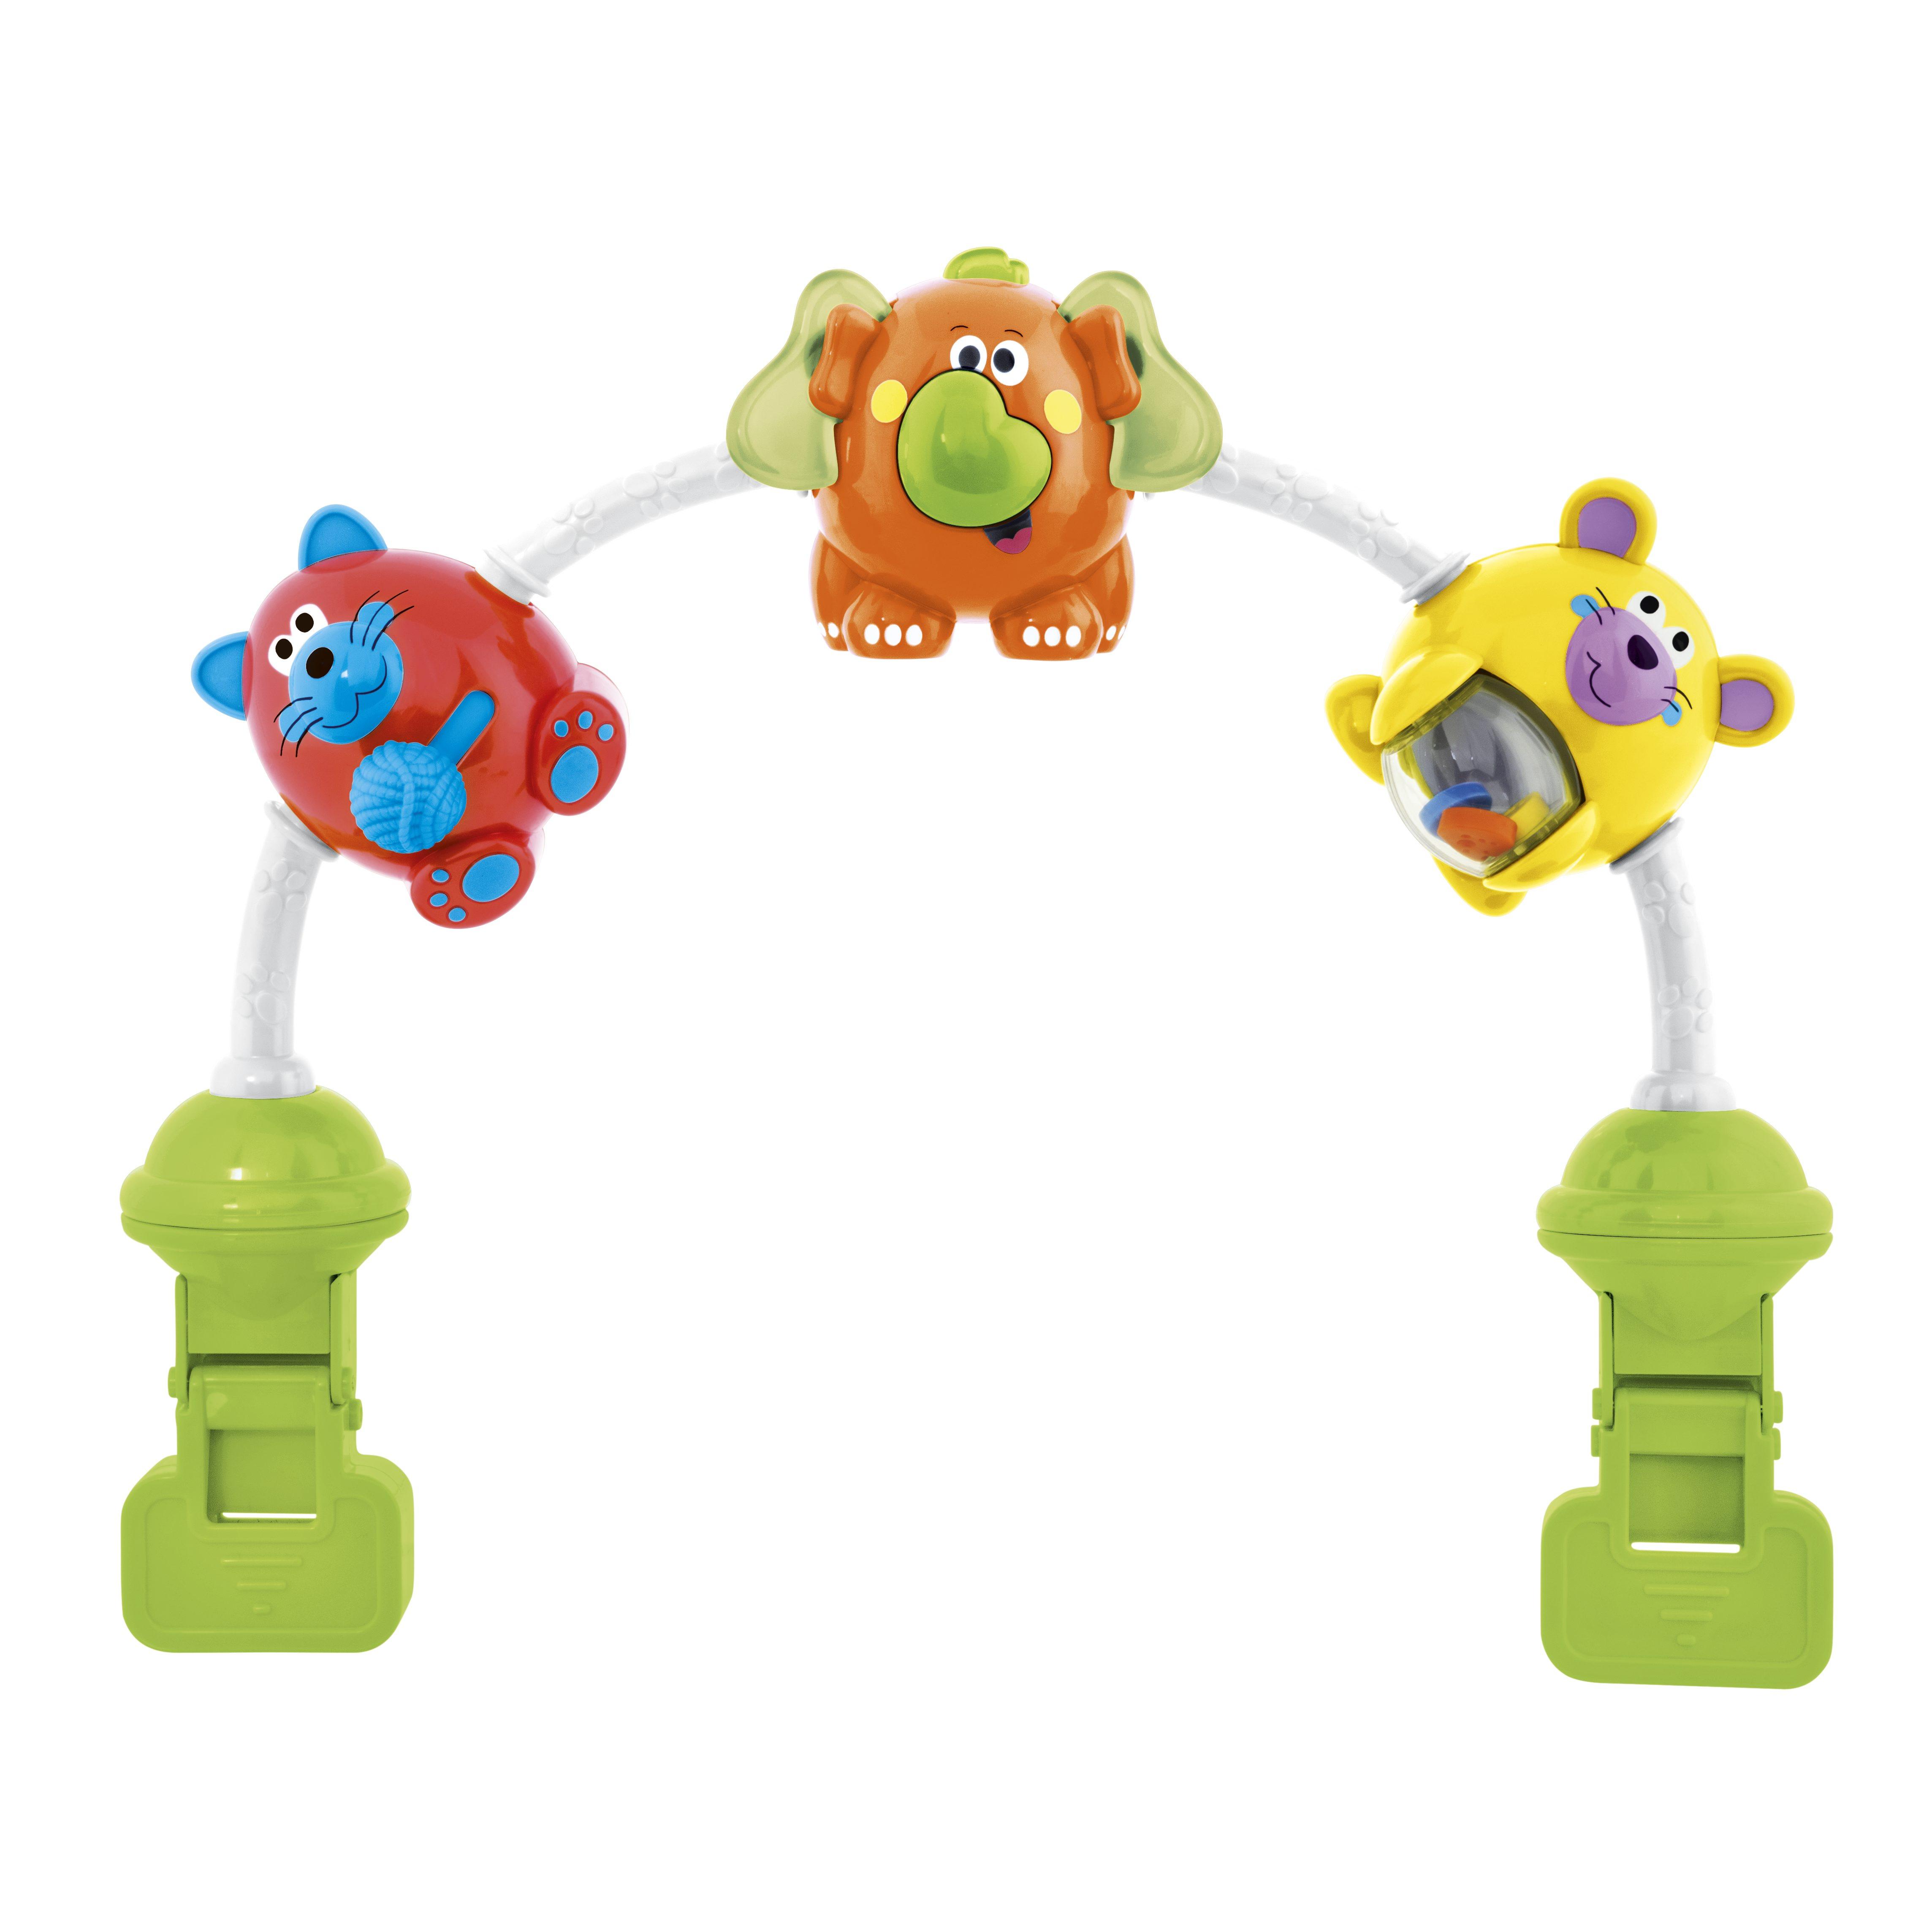 Arco passeggio amici in viaggio - chicco - toys center - Chicco